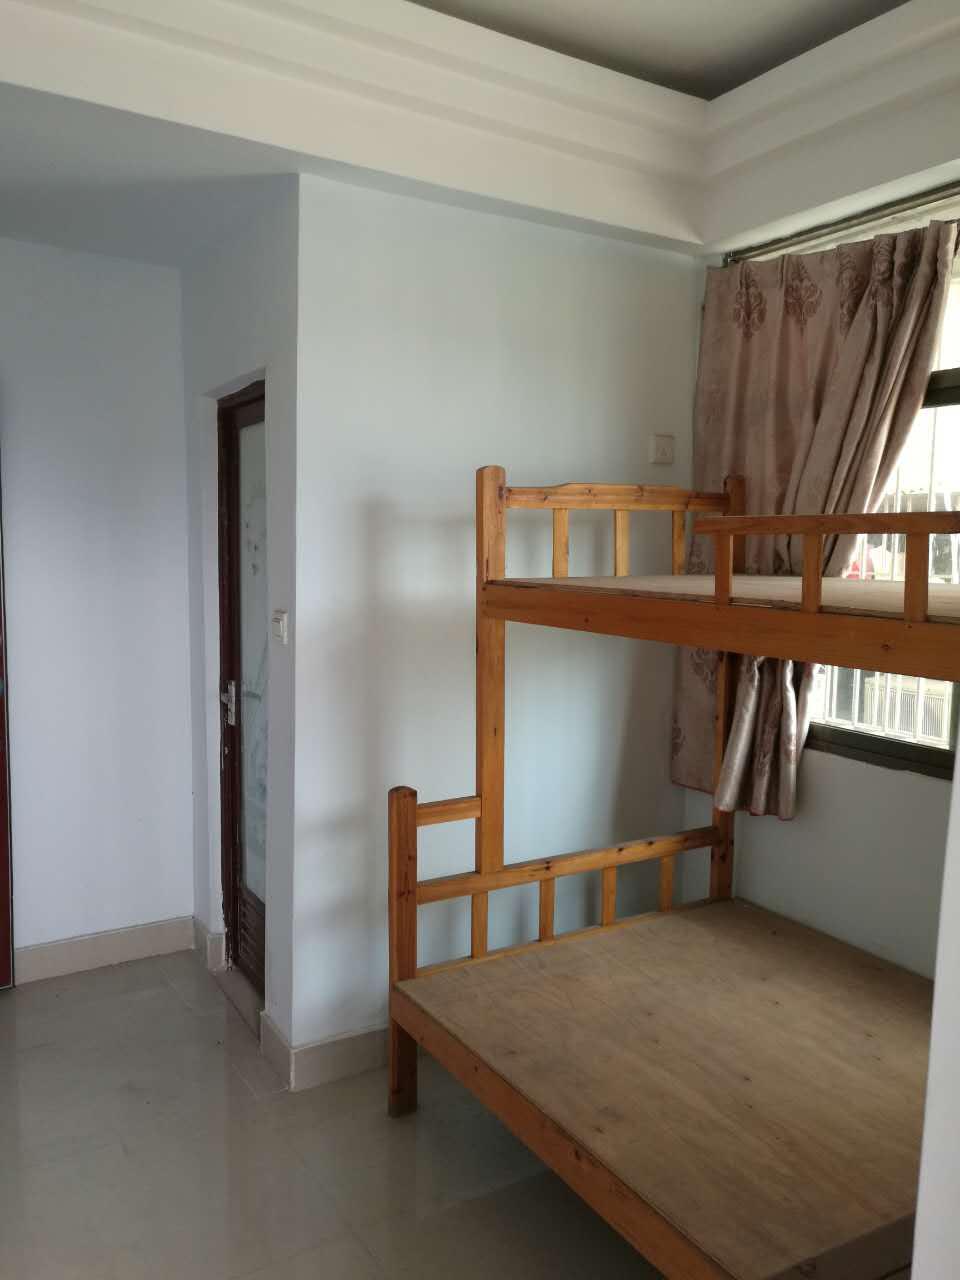 深圳小产权房单身公寓出售,公明上村全新装修 房地产 公寓 不动产 一房一厅 第4张